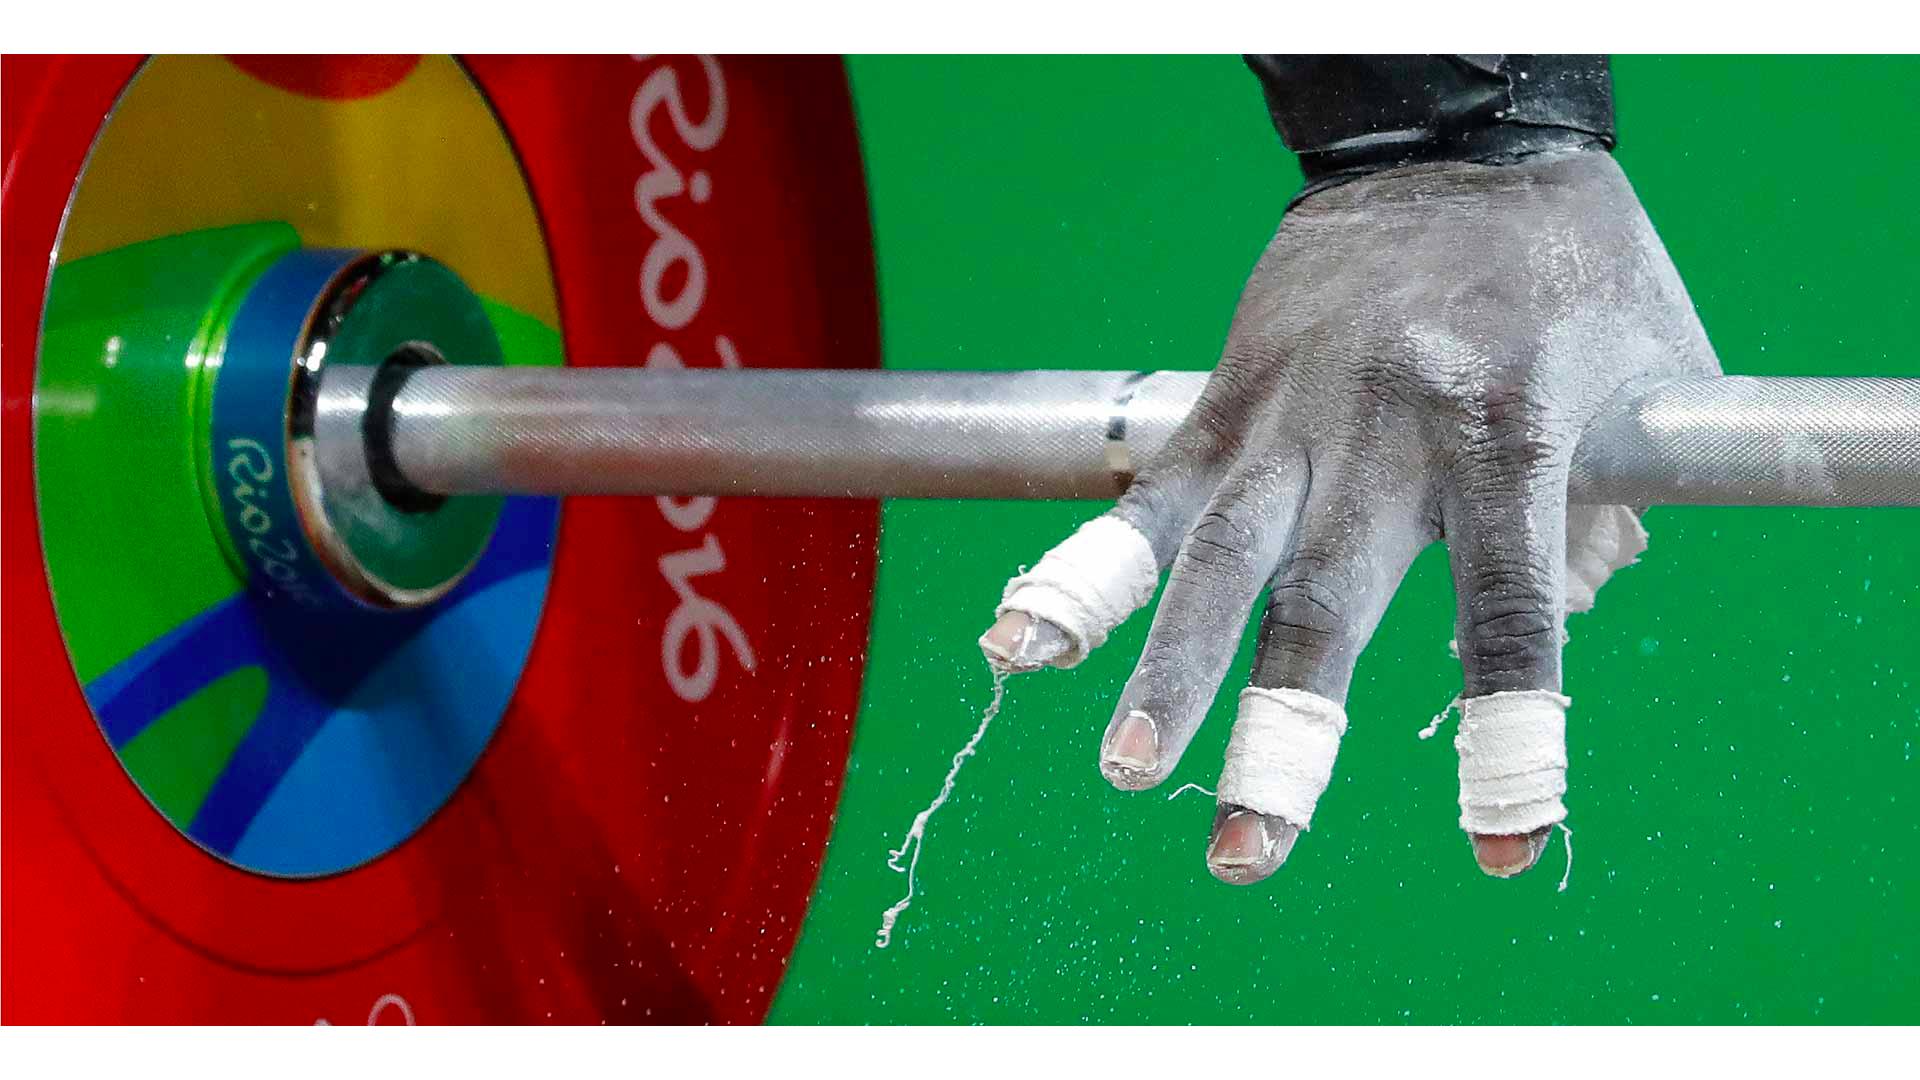 Halter barını tutan bir sporcunun görseli.